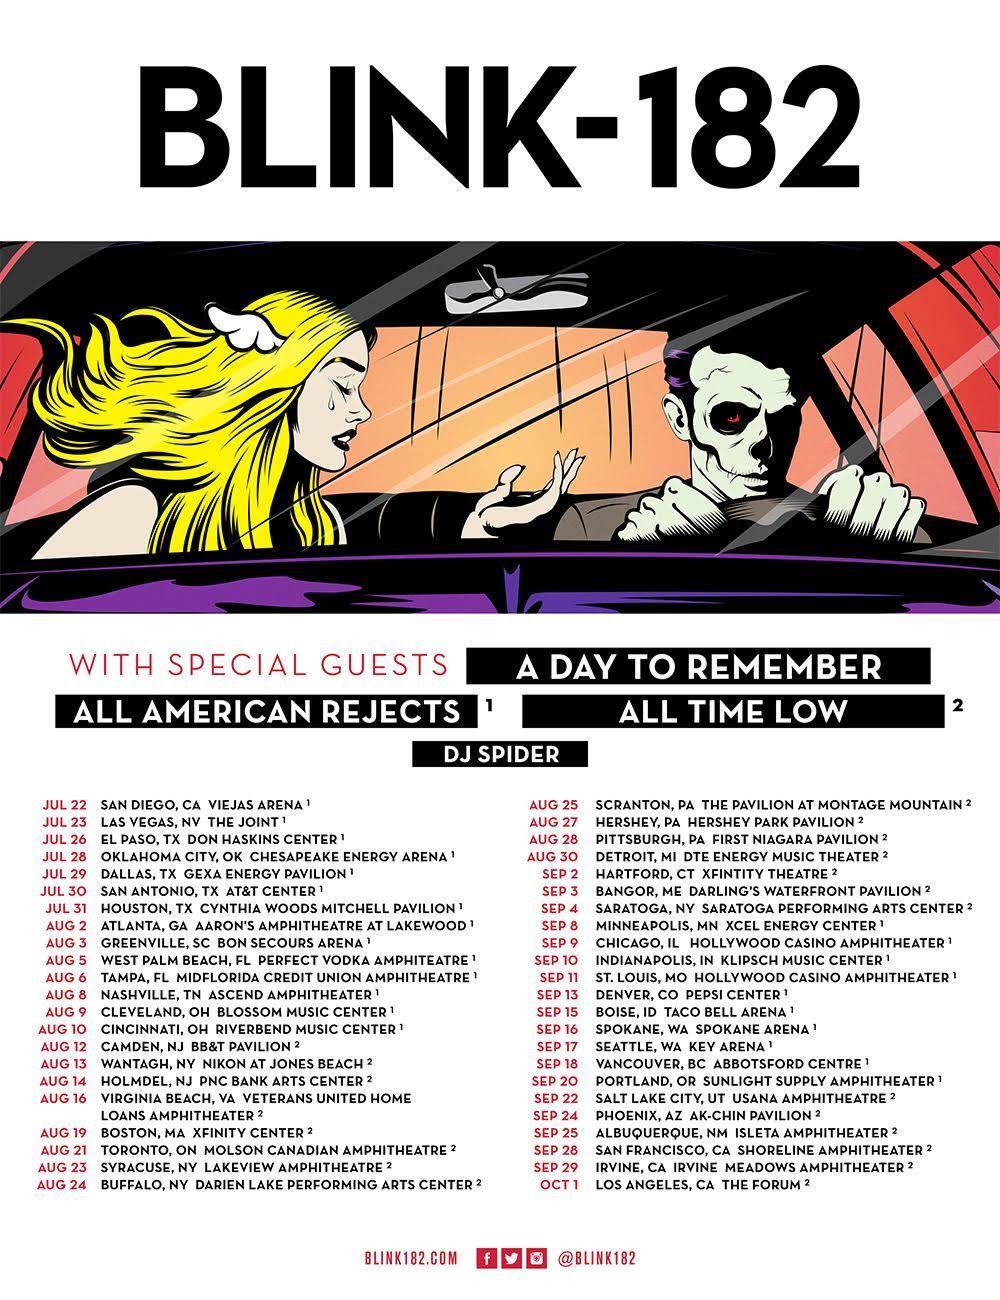 GoRockfest.Com: Blink 182 Tour Dates 2016 | Blink-182 in 2018 ...